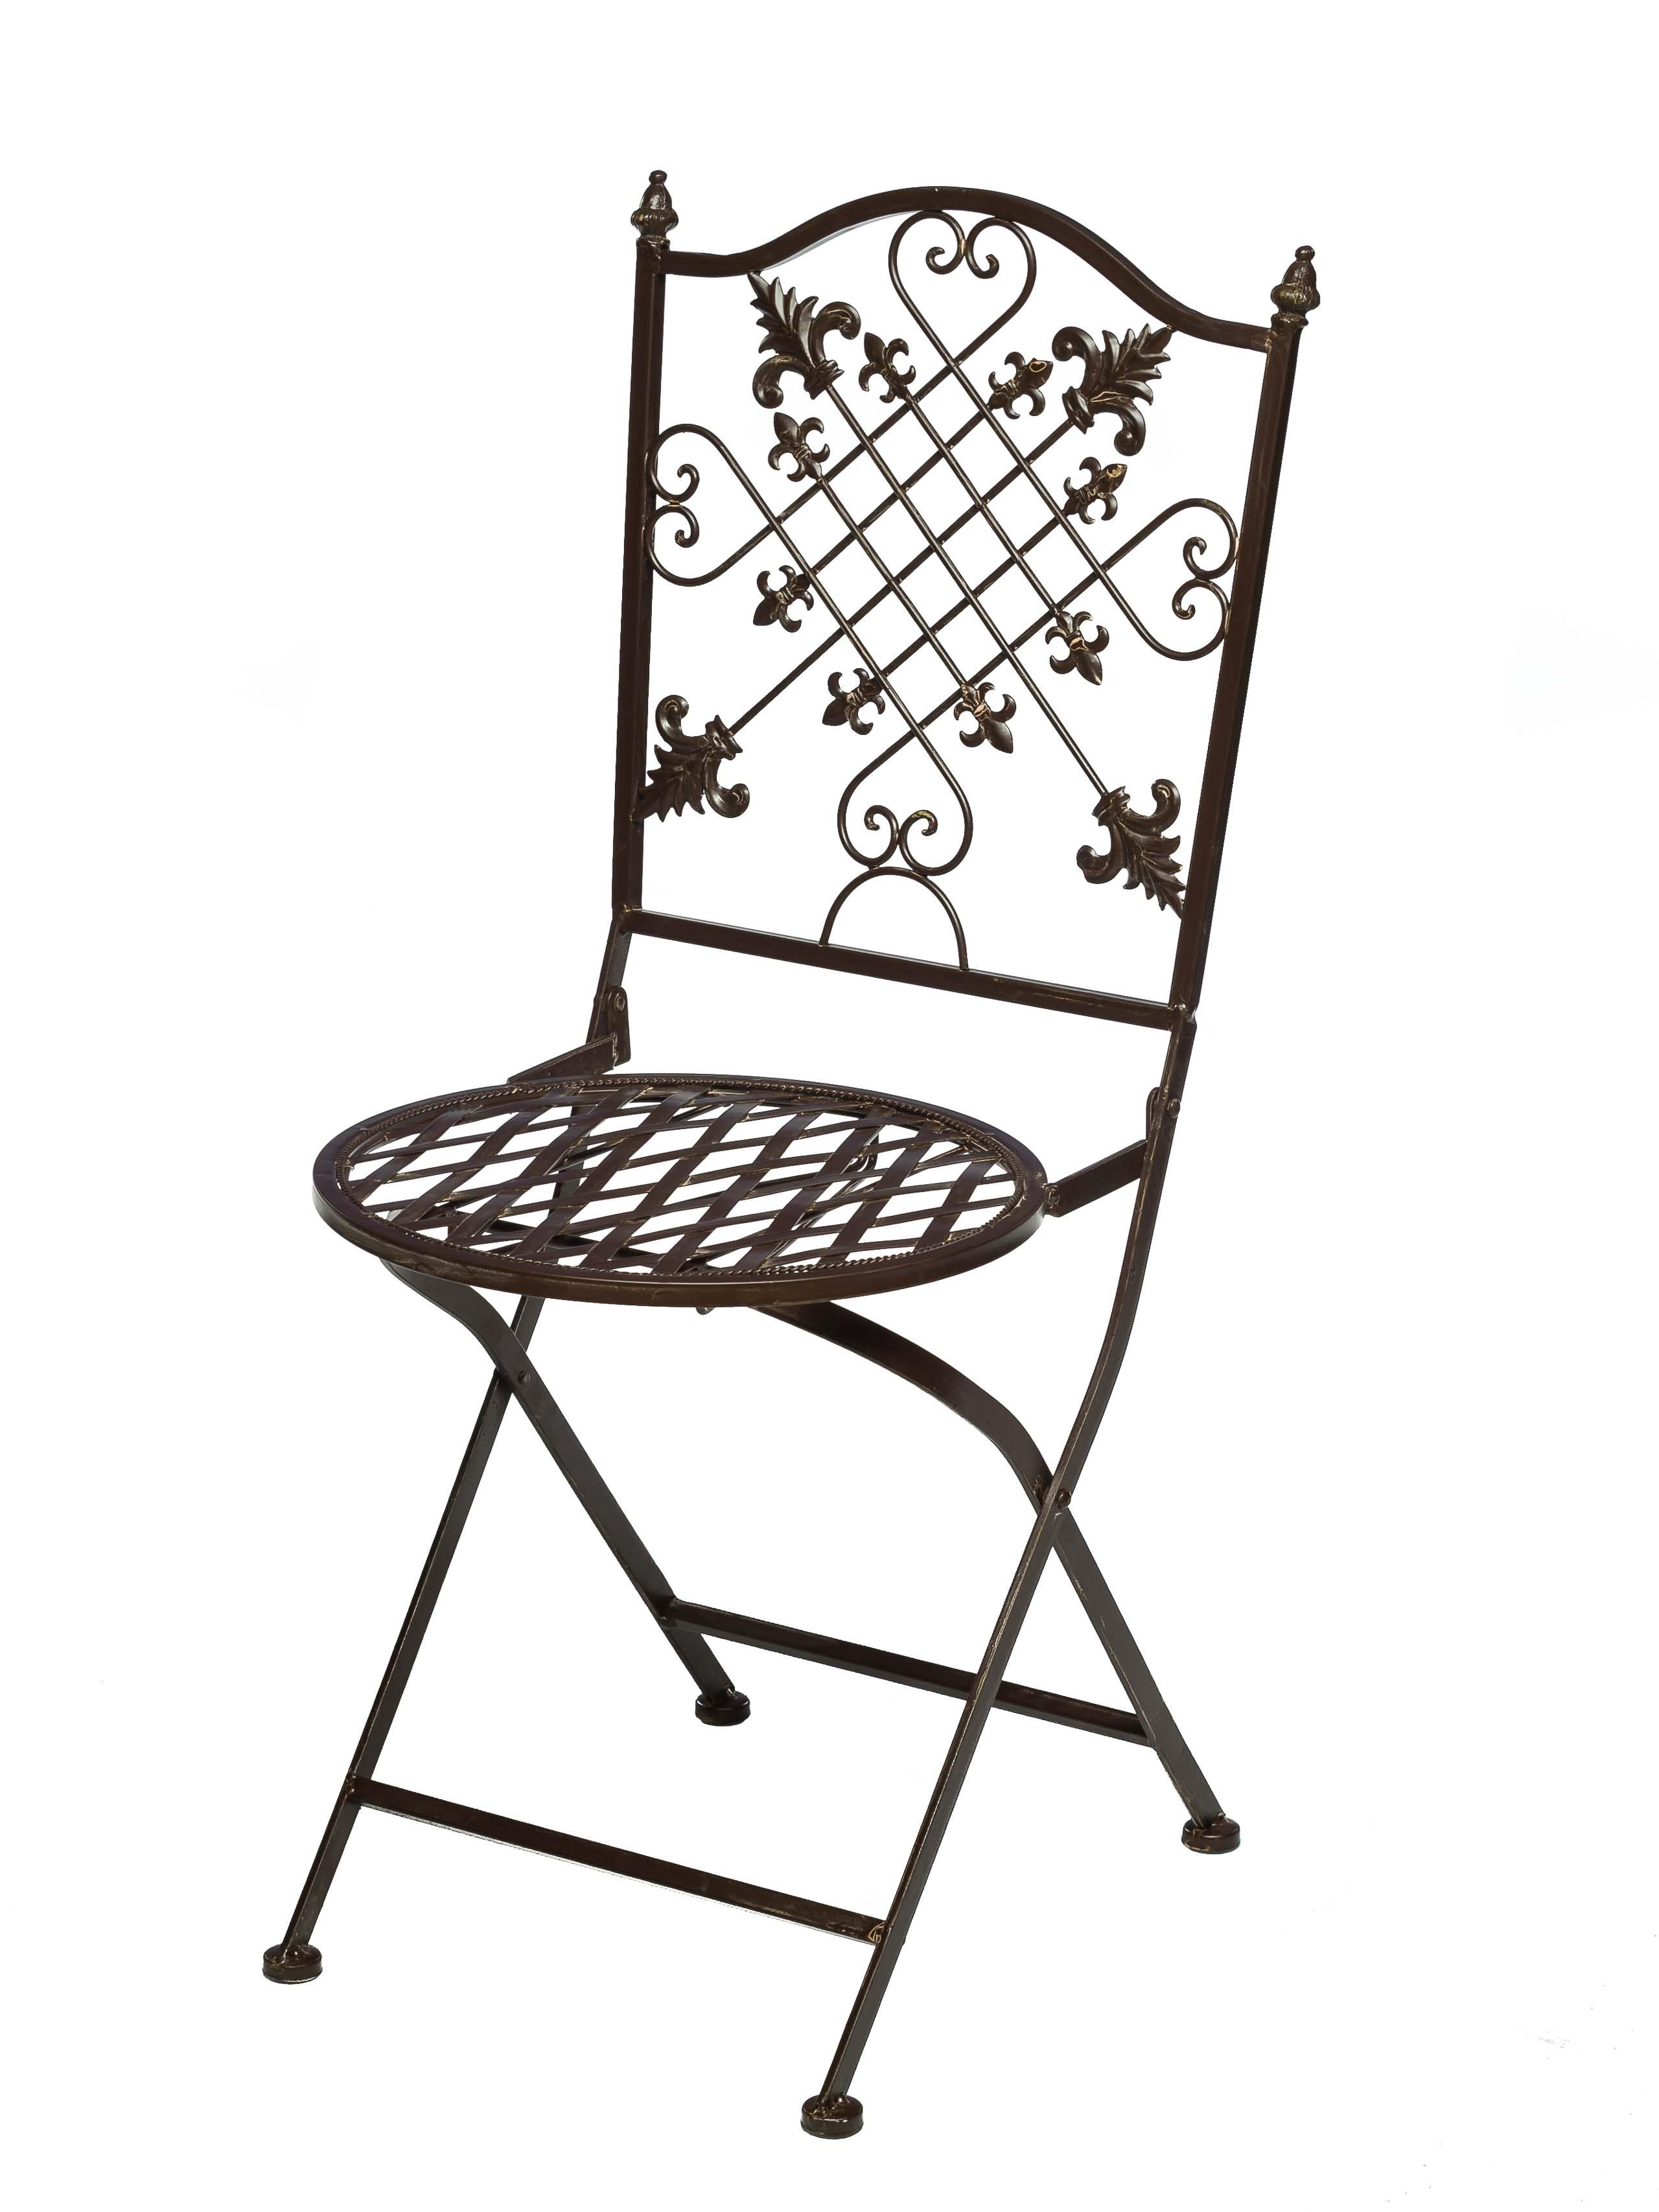 gartentisch und 2 st hle set metall nostalgie antik stil gartenm bel braun aubaho. Black Bedroom Furniture Sets. Home Design Ideas